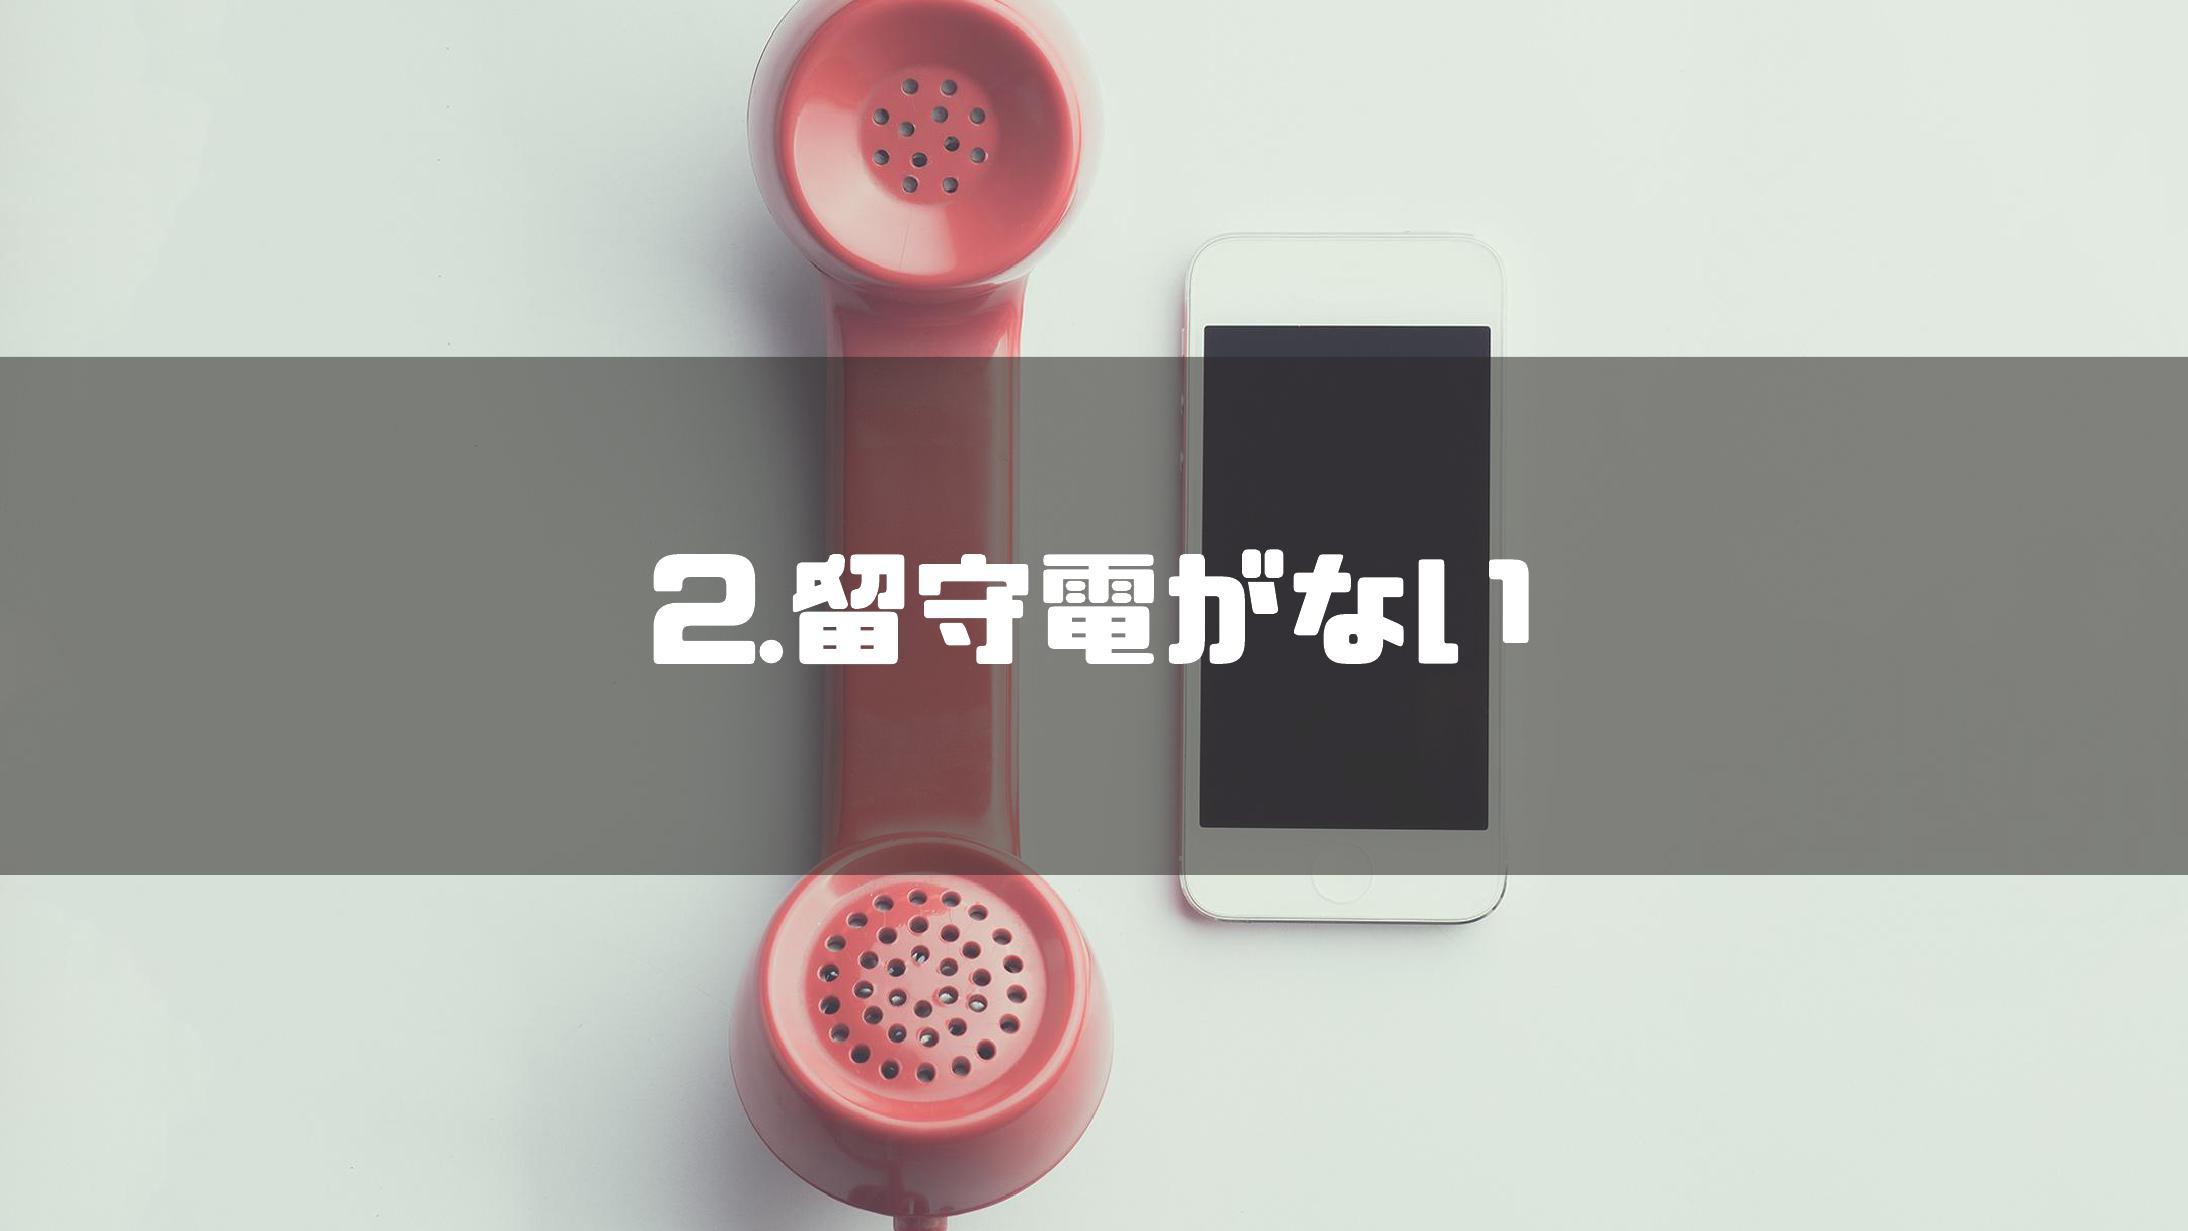 DMMモバイル_留守番電話やキャッチホンが利用できない